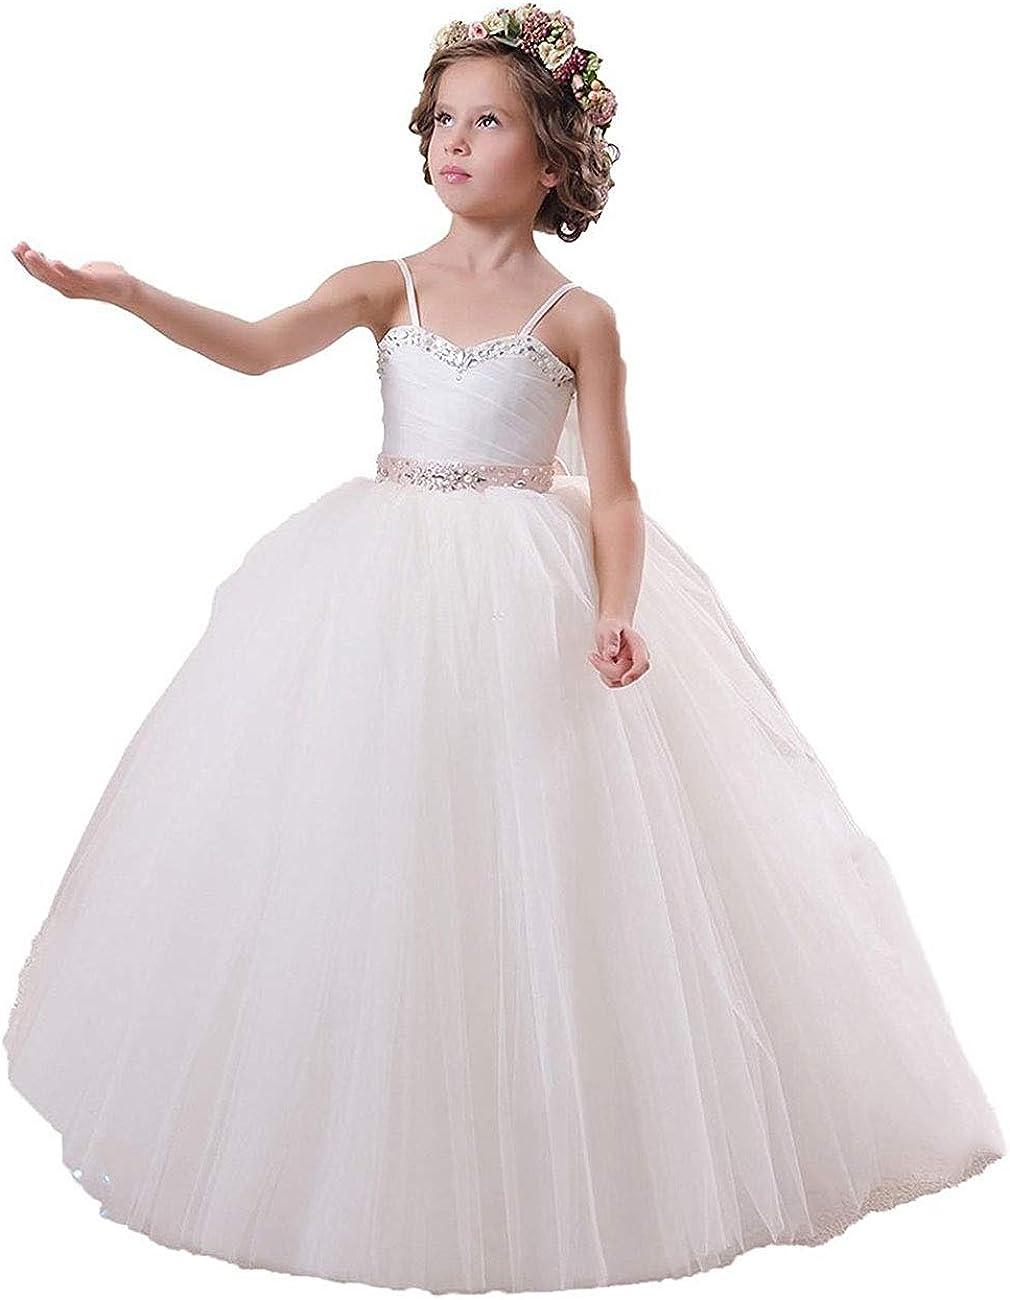 Flower Girl Dress Tulle Pageant Dresses for Girls Ball Gown Princess Dress Littler Girls Birthday Dress